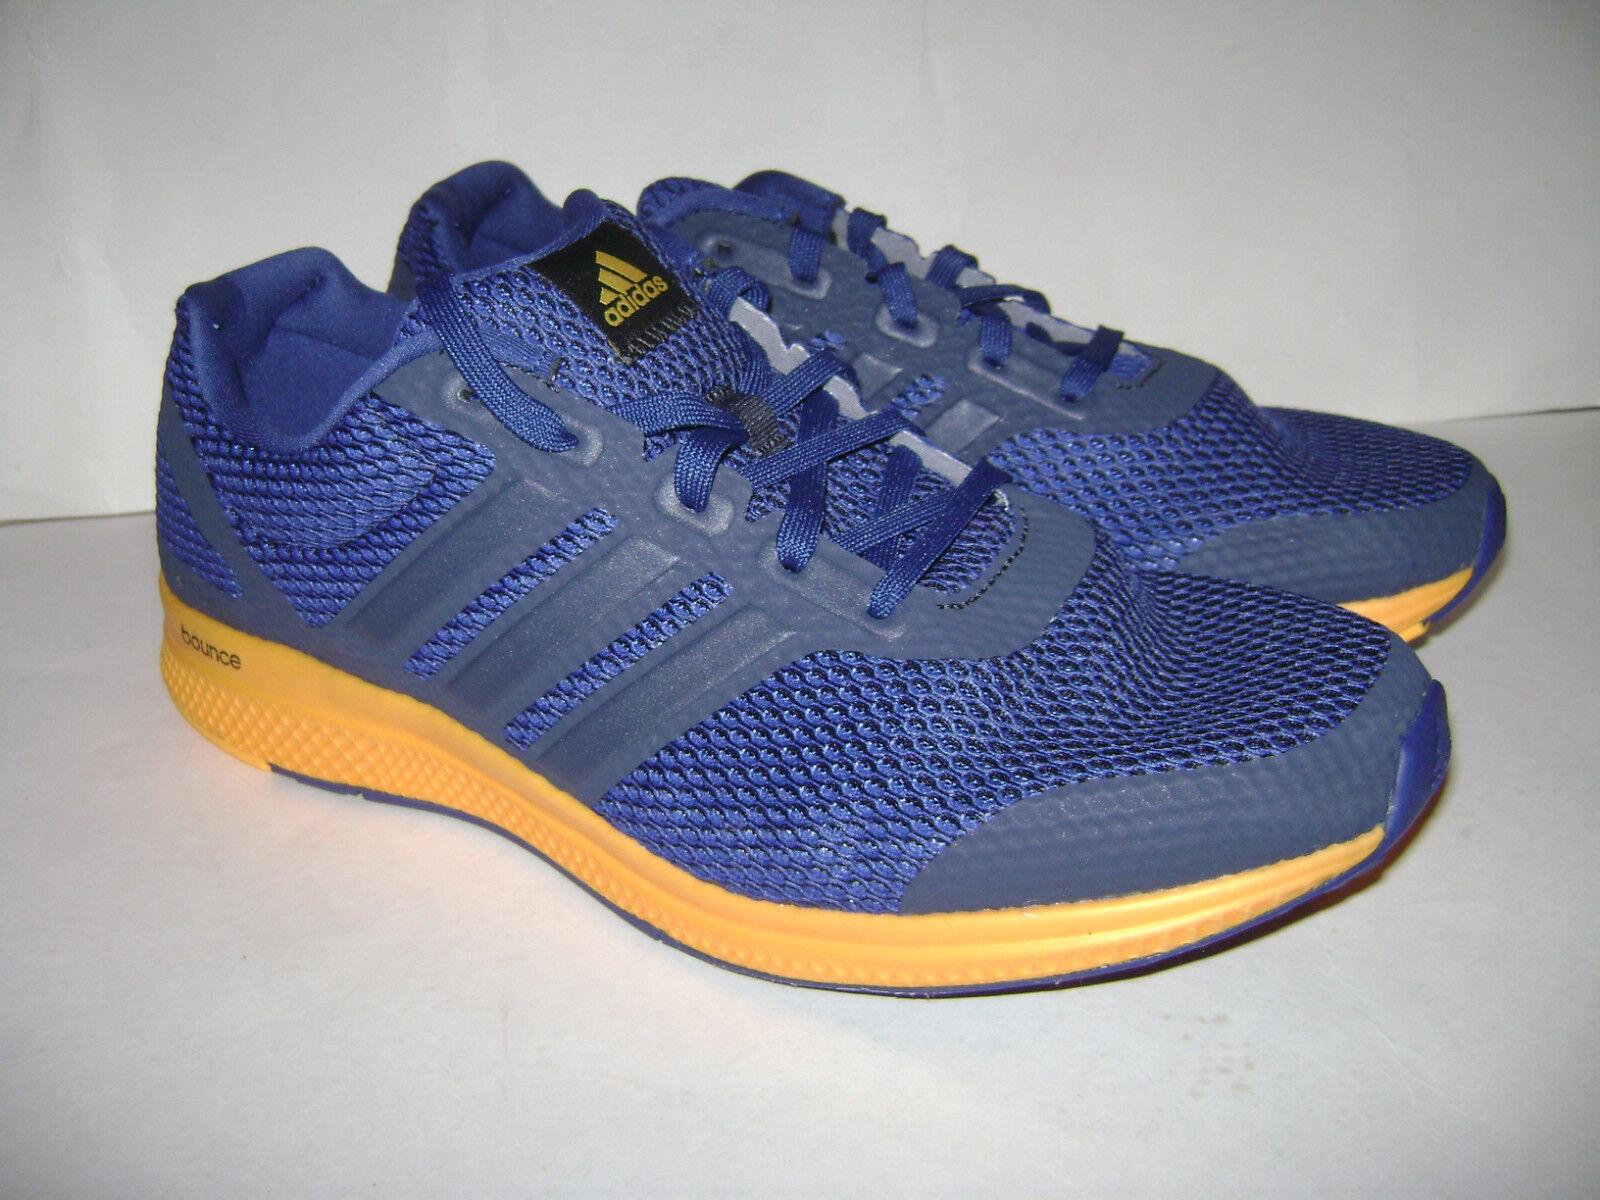 usa adidas laufen schuhe schwarz and blau 4c950 69fef